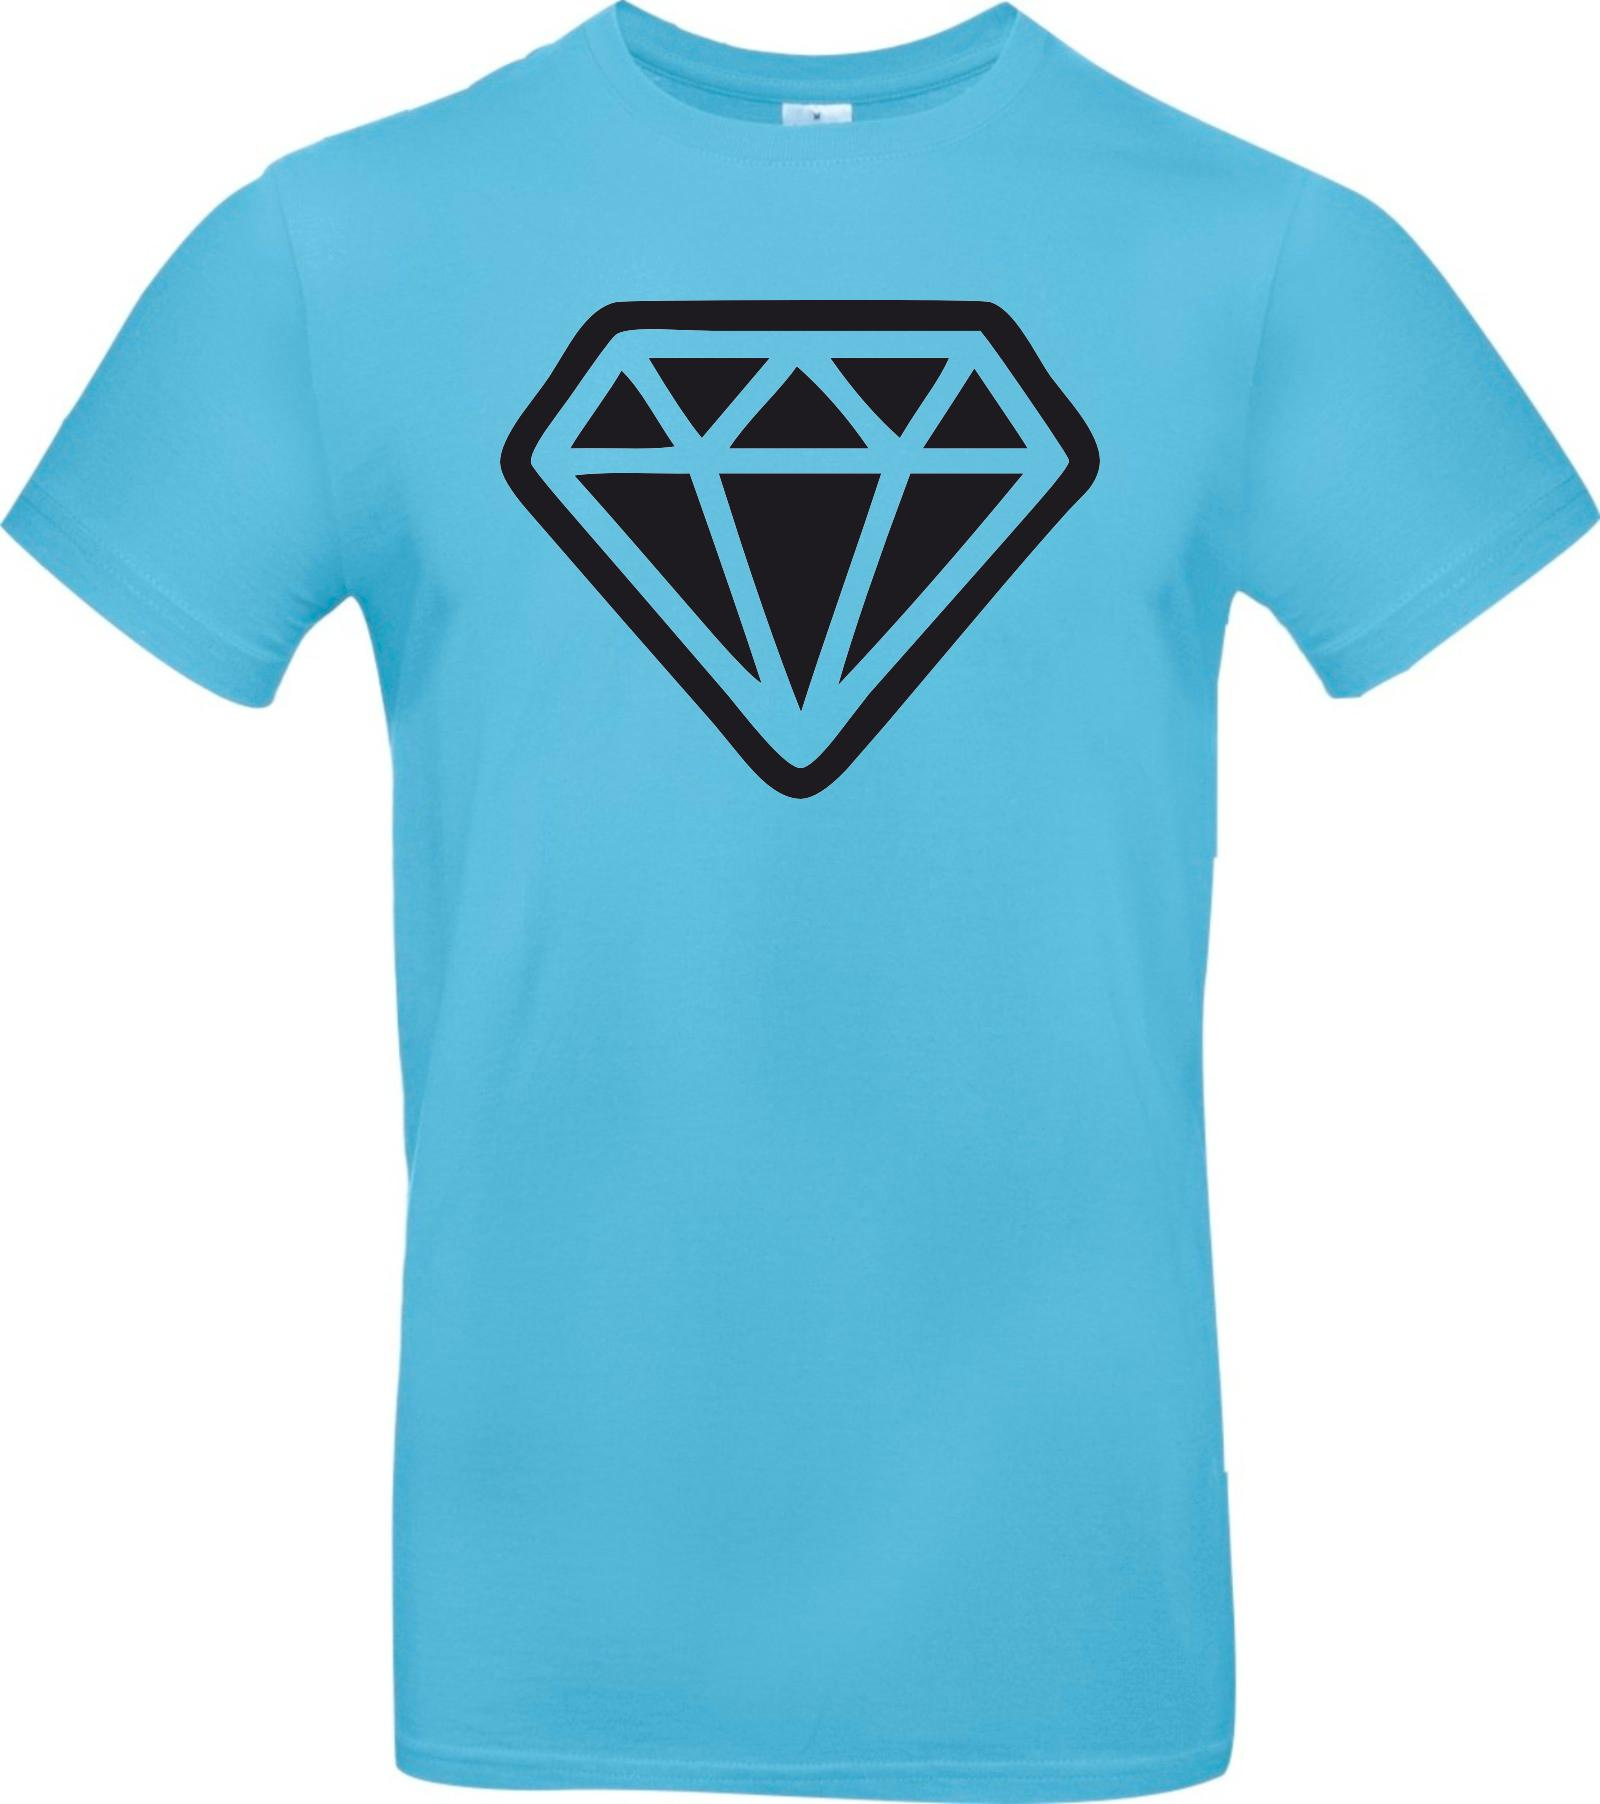 TOP-Kinder-Shirt-Diamant